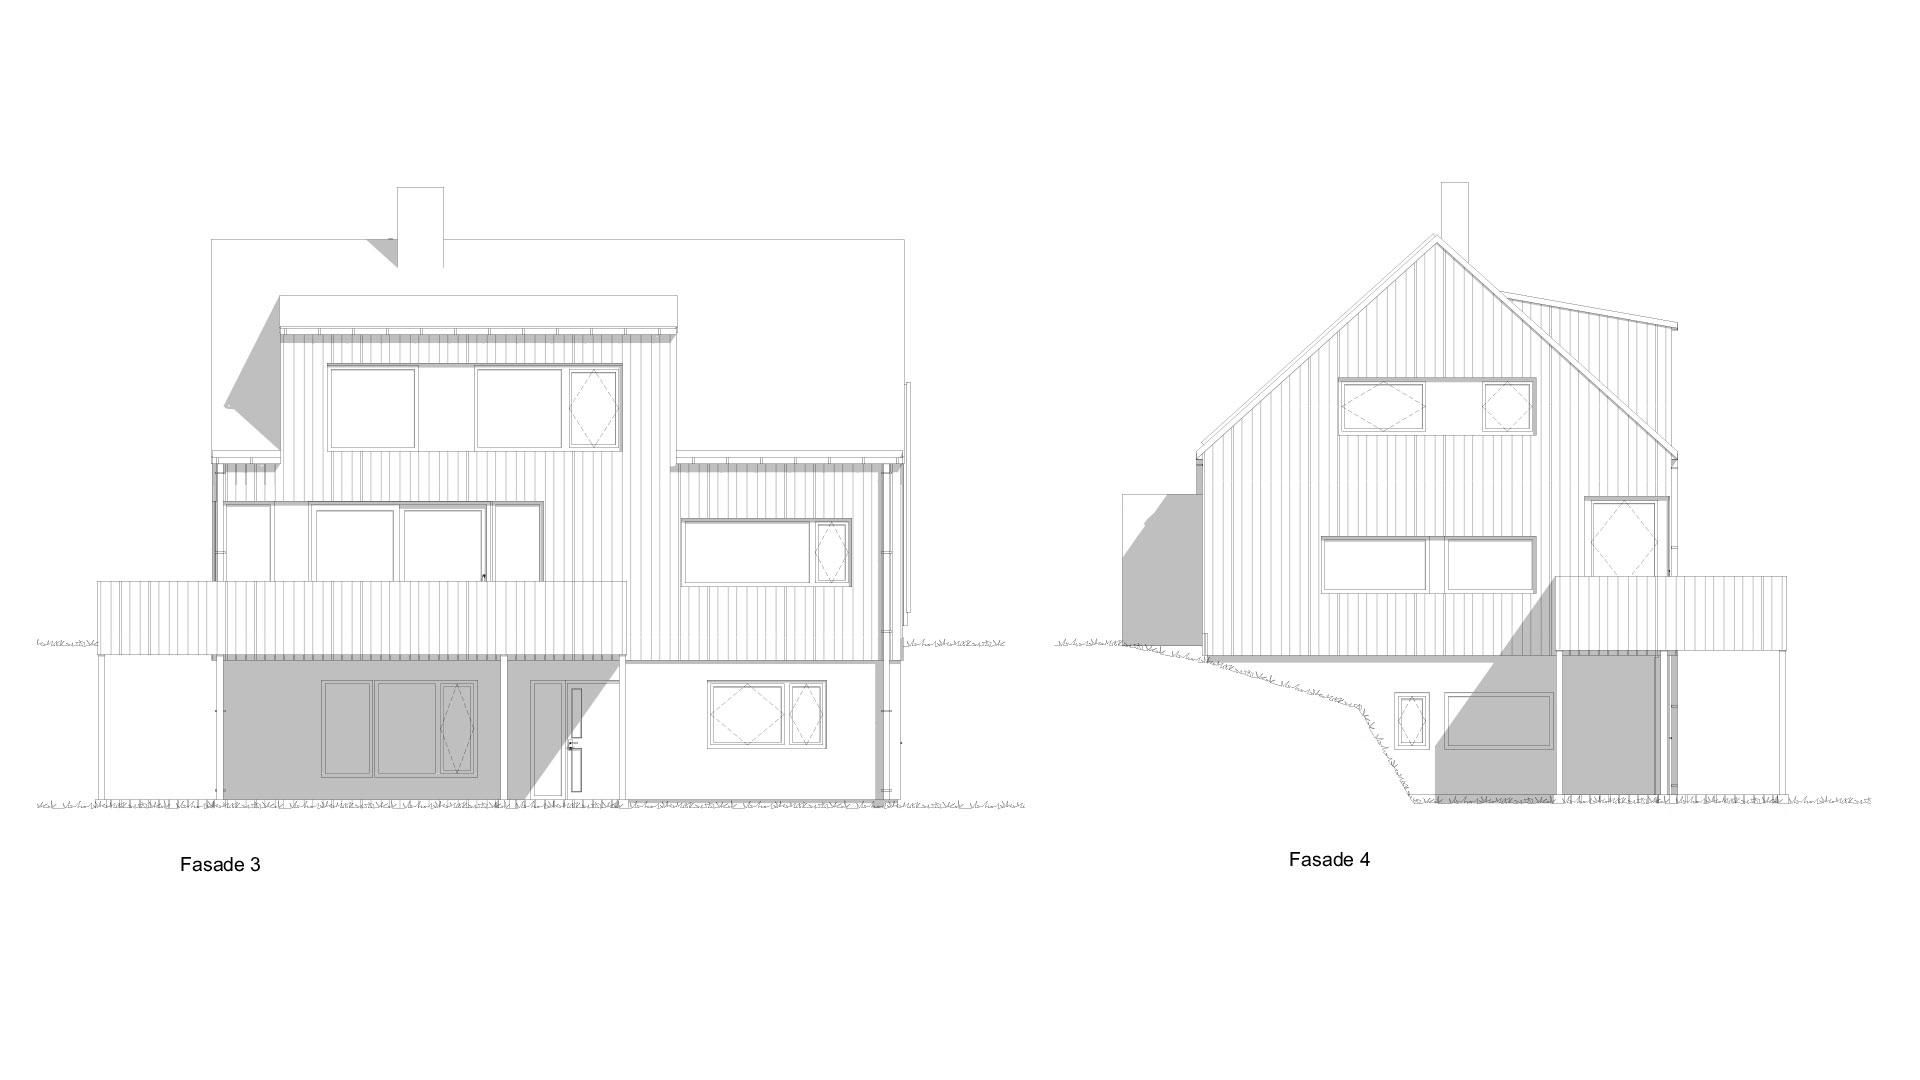 Granli_Fasade3-4.jpg